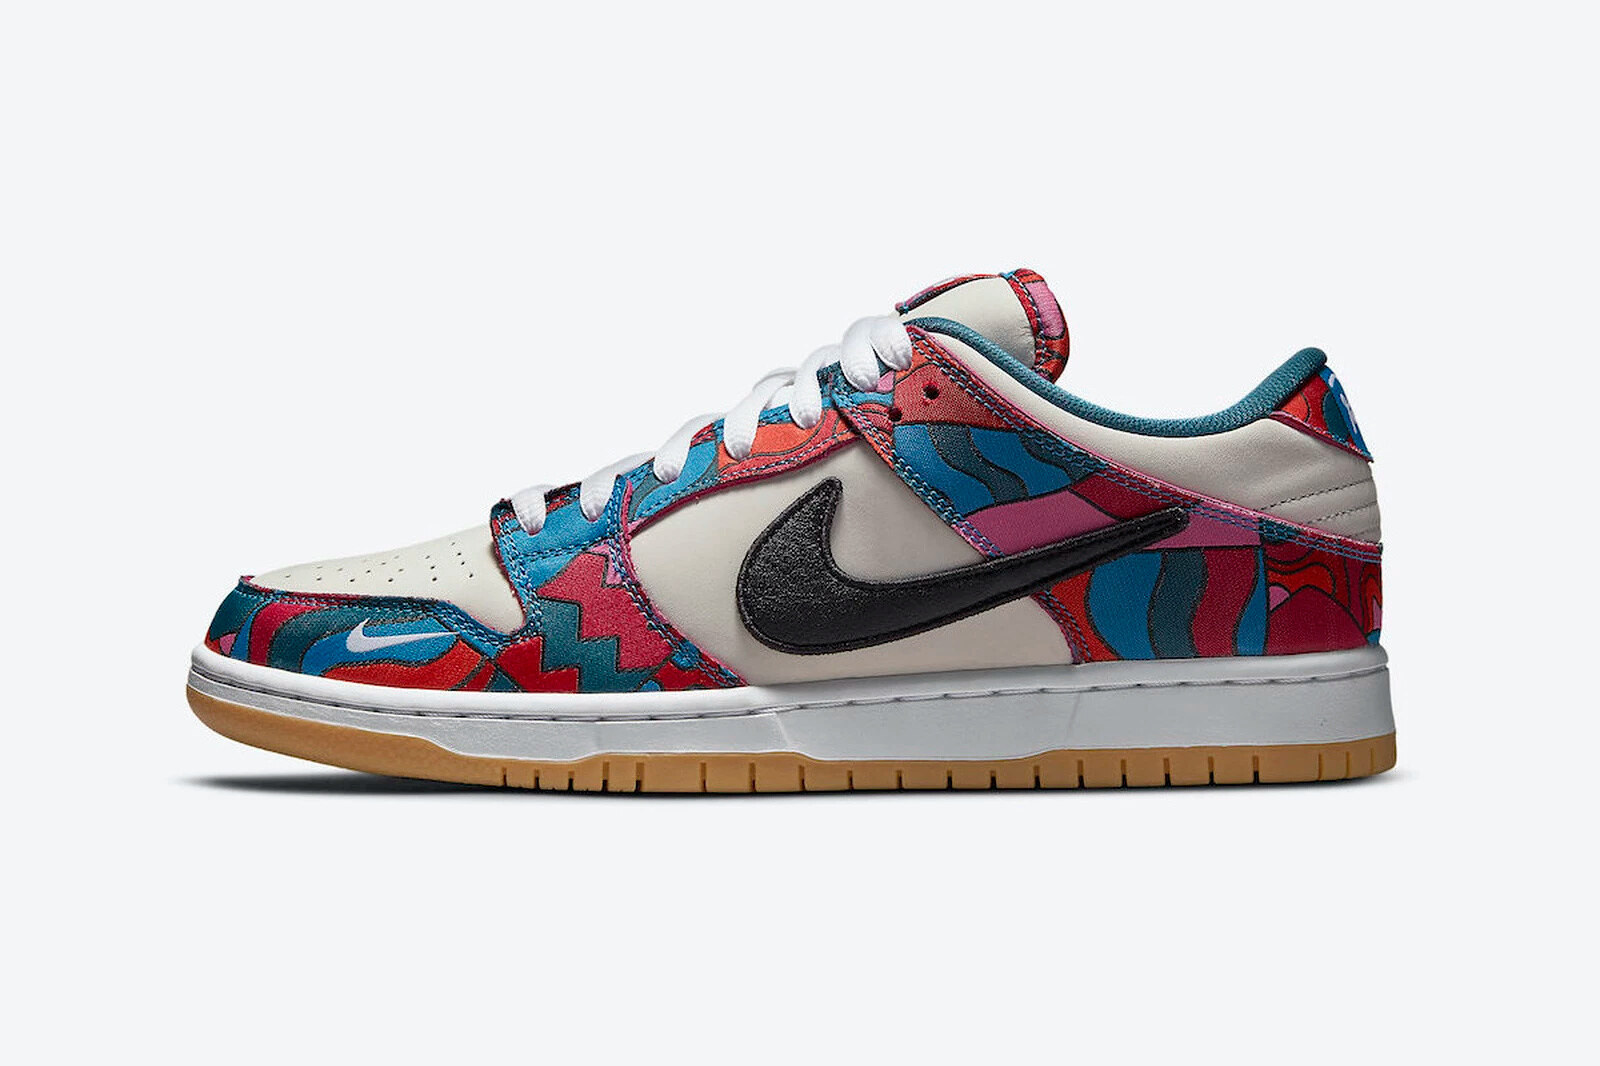 Parra x Nike Dunk Low